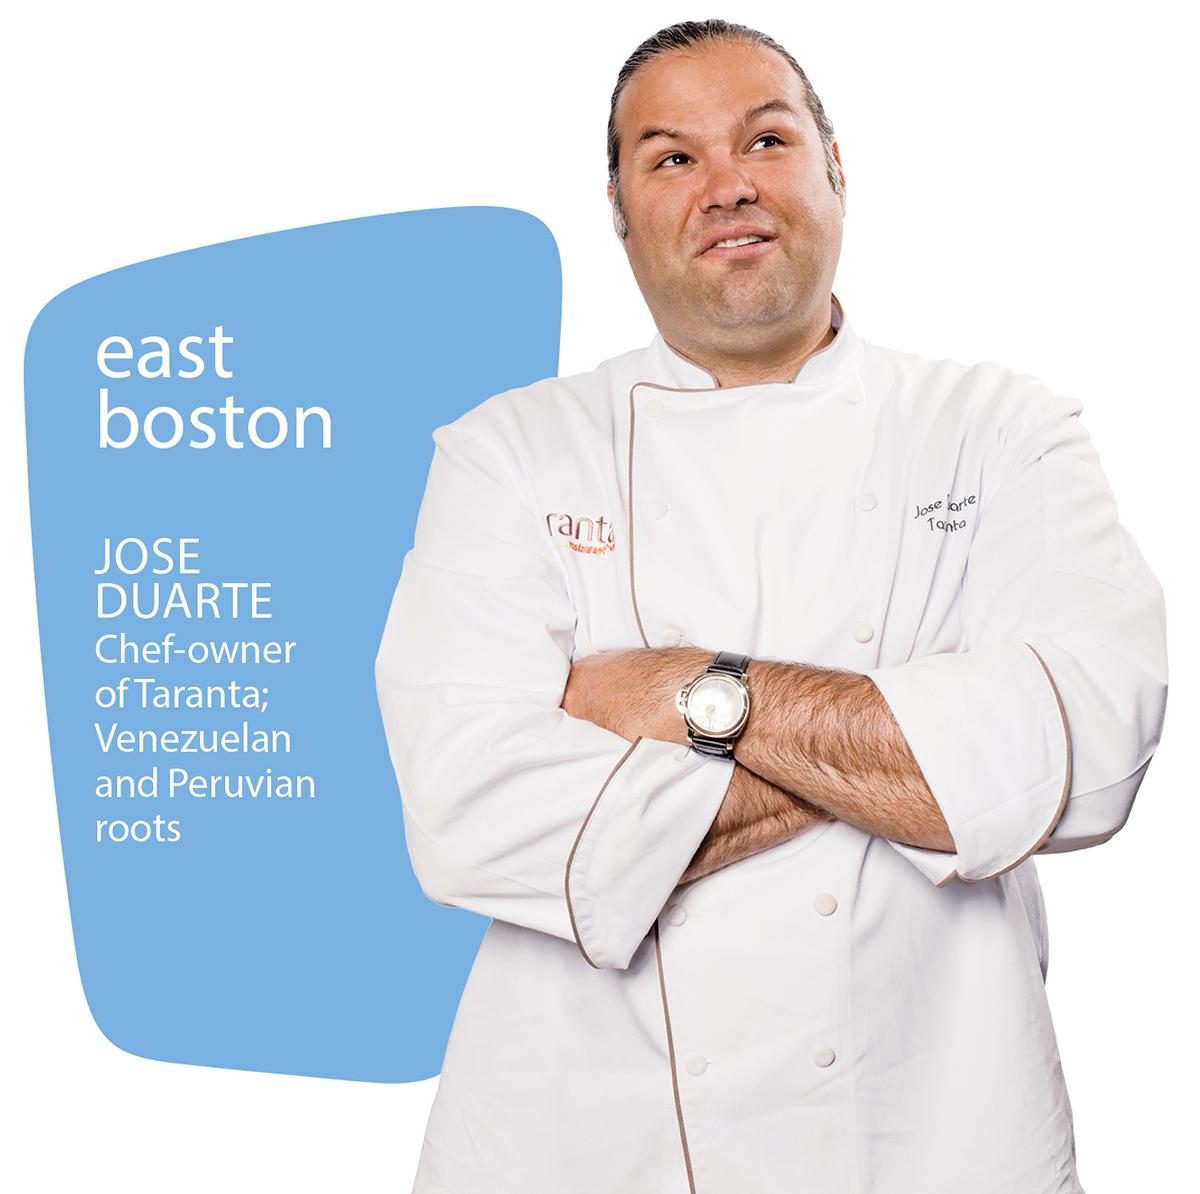 cheap eats in boston